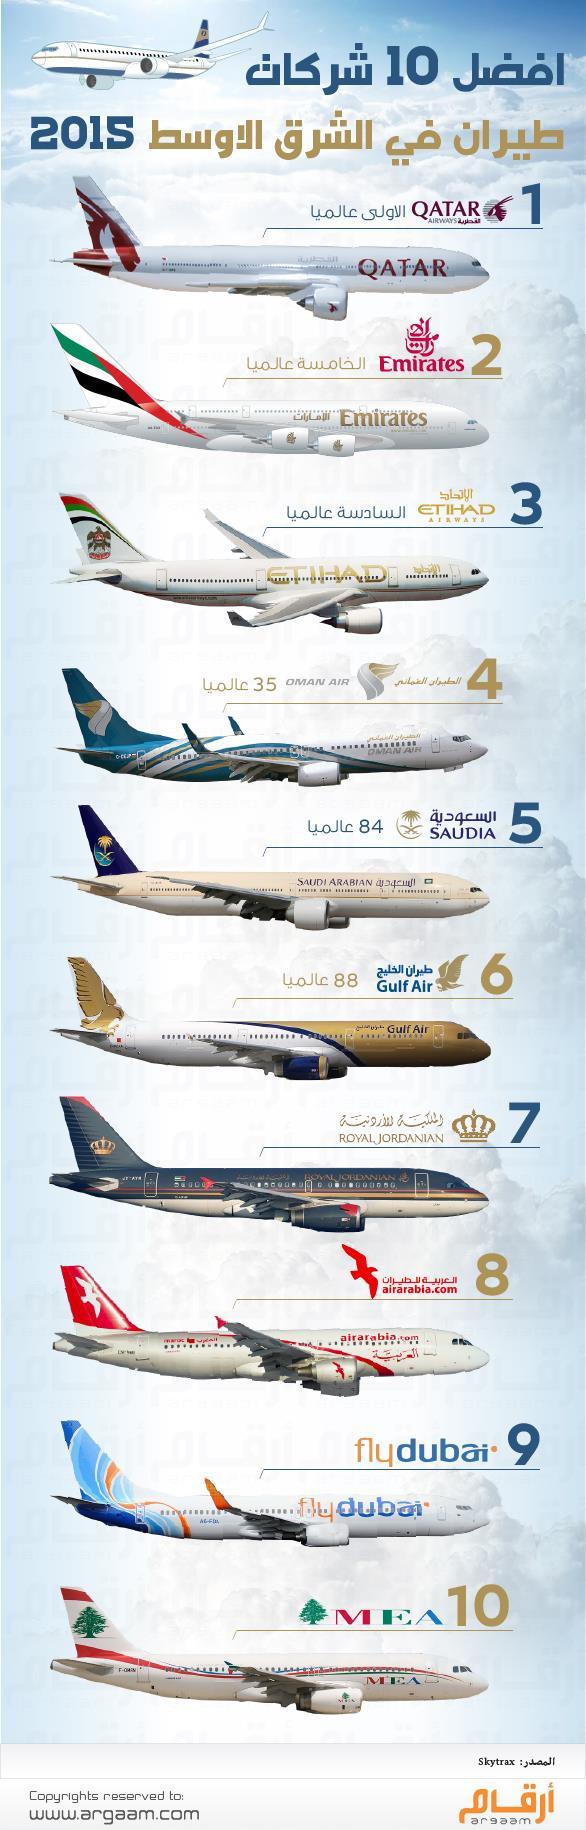 أخبار 24 إنفوجرافيك أفضل 10 شركات طيران في الشرق الأوسط